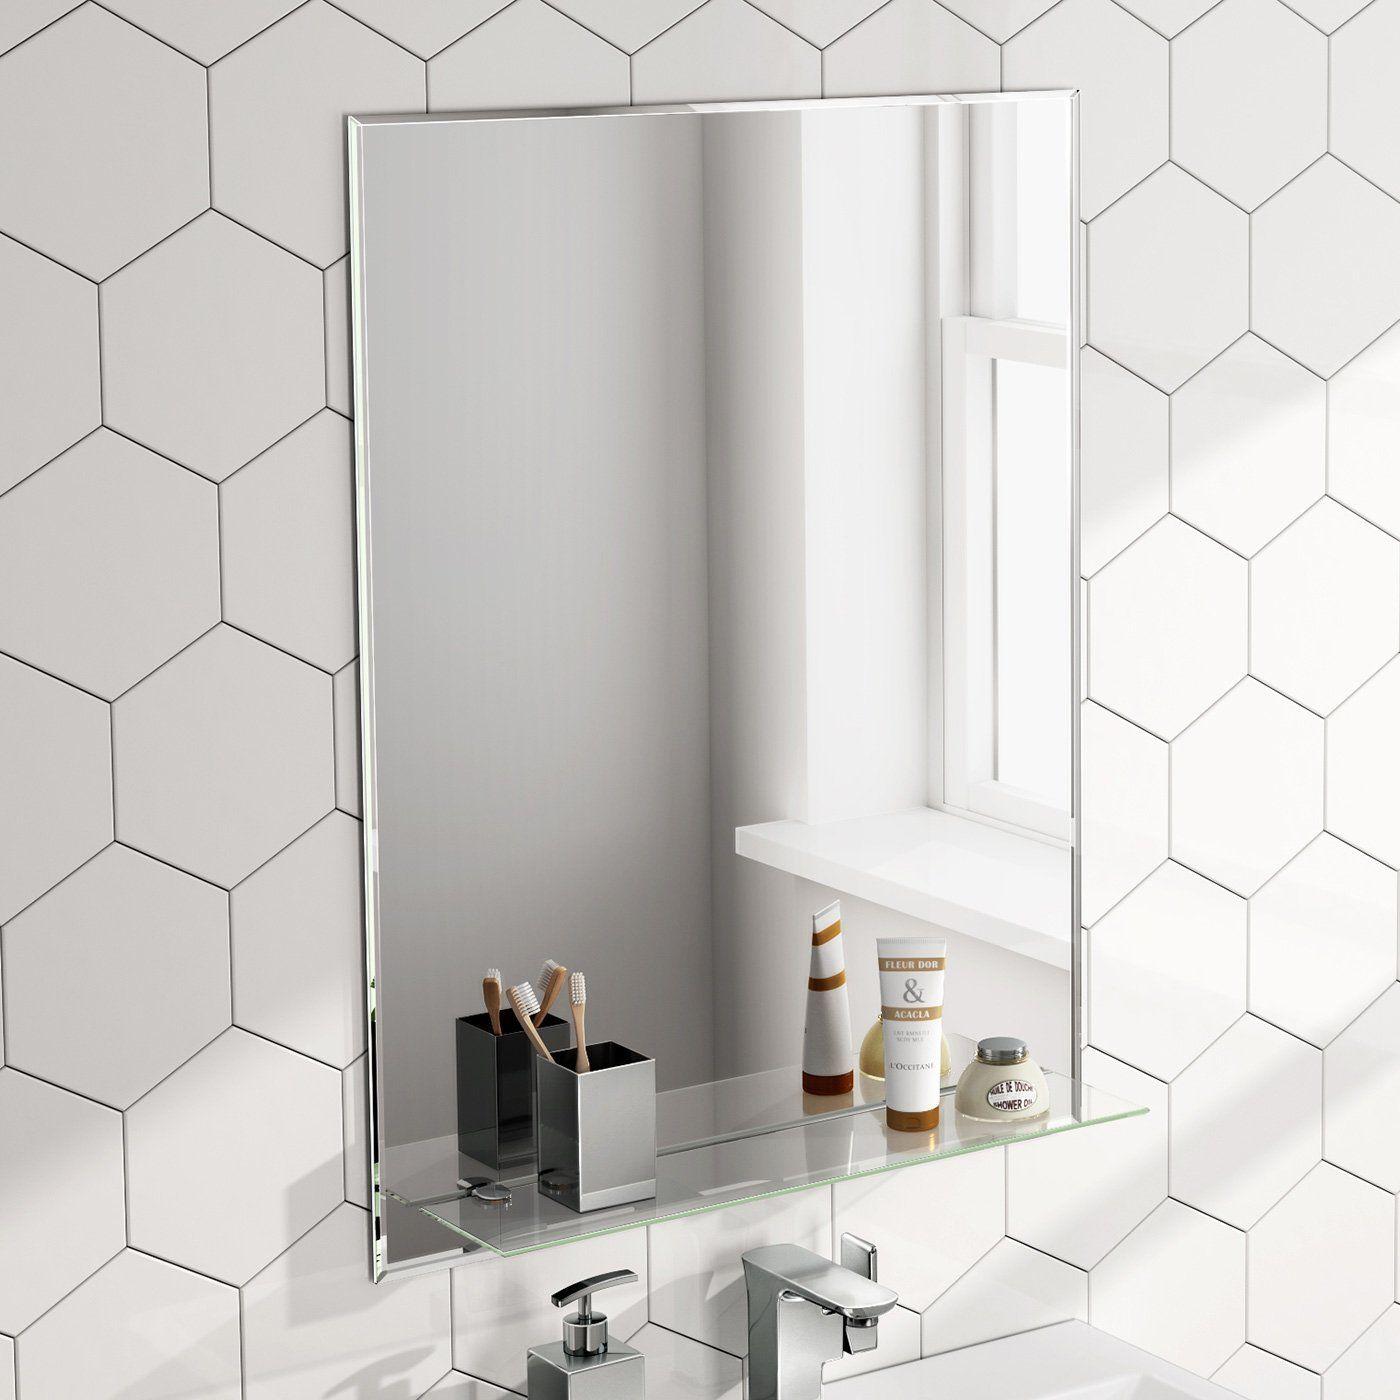 600 x 800 mm Designer Bathroom Wall Mirror + Glass Shelf ...